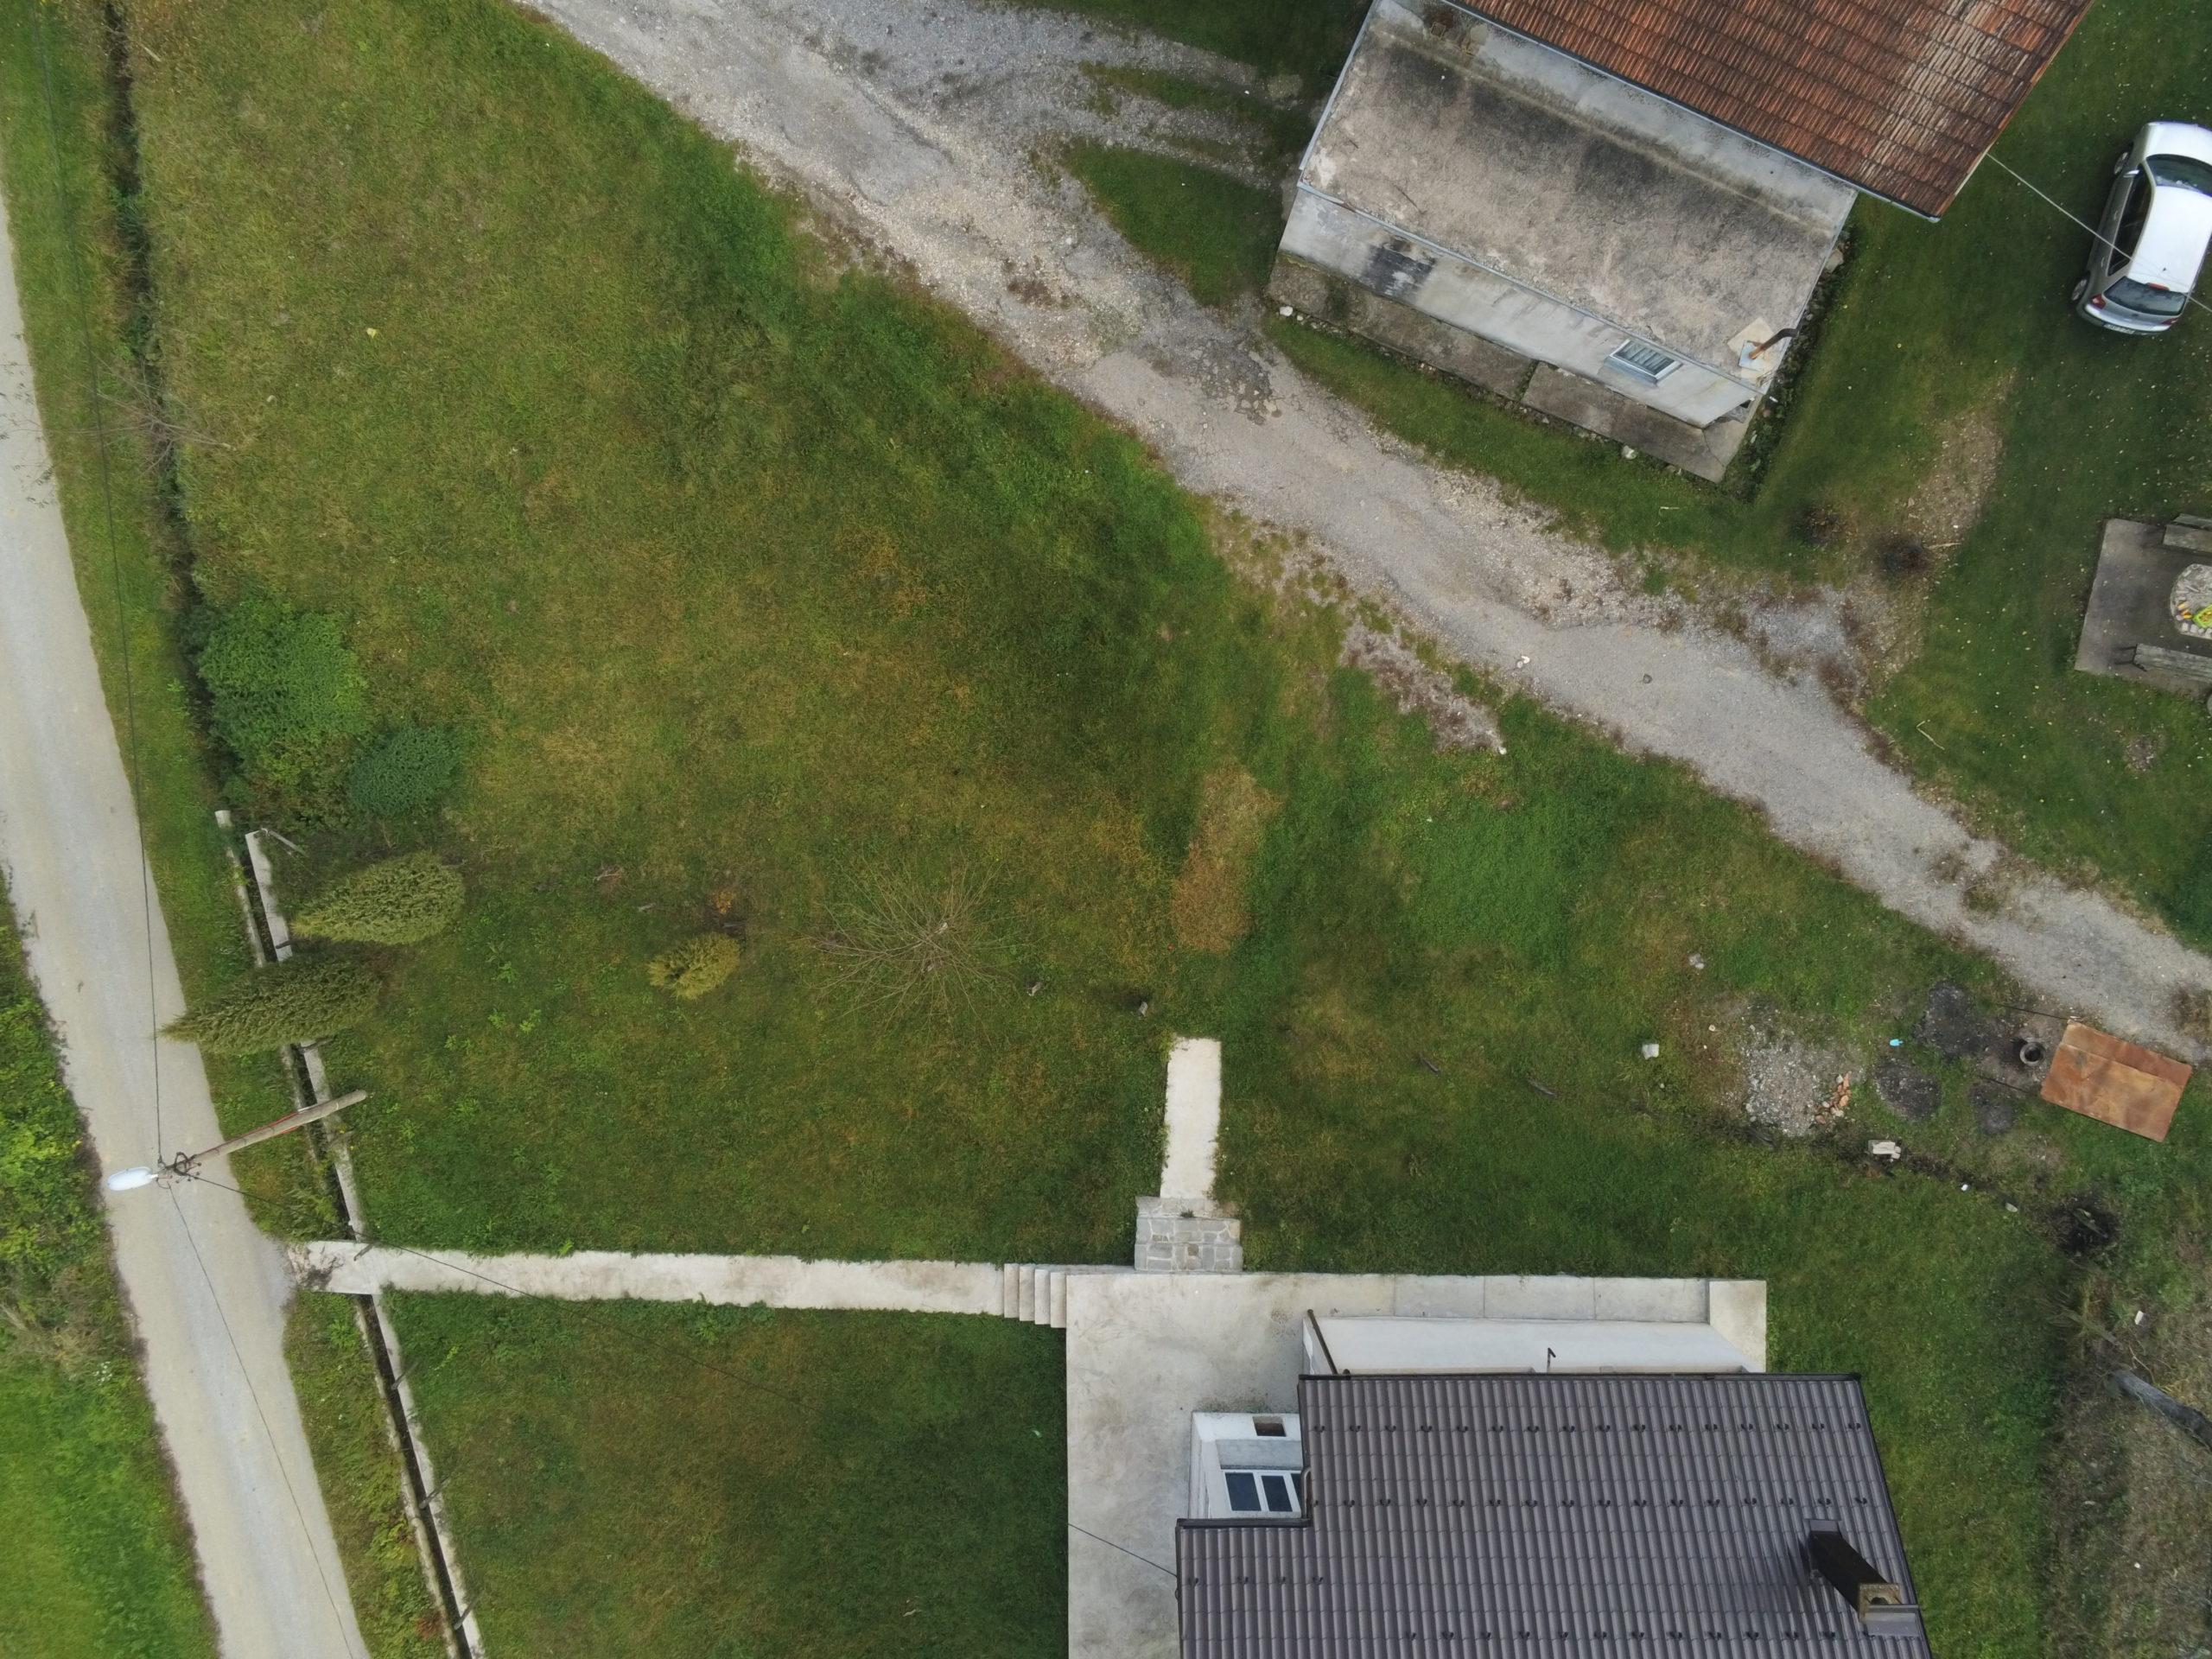 Glogova 1 - Drone